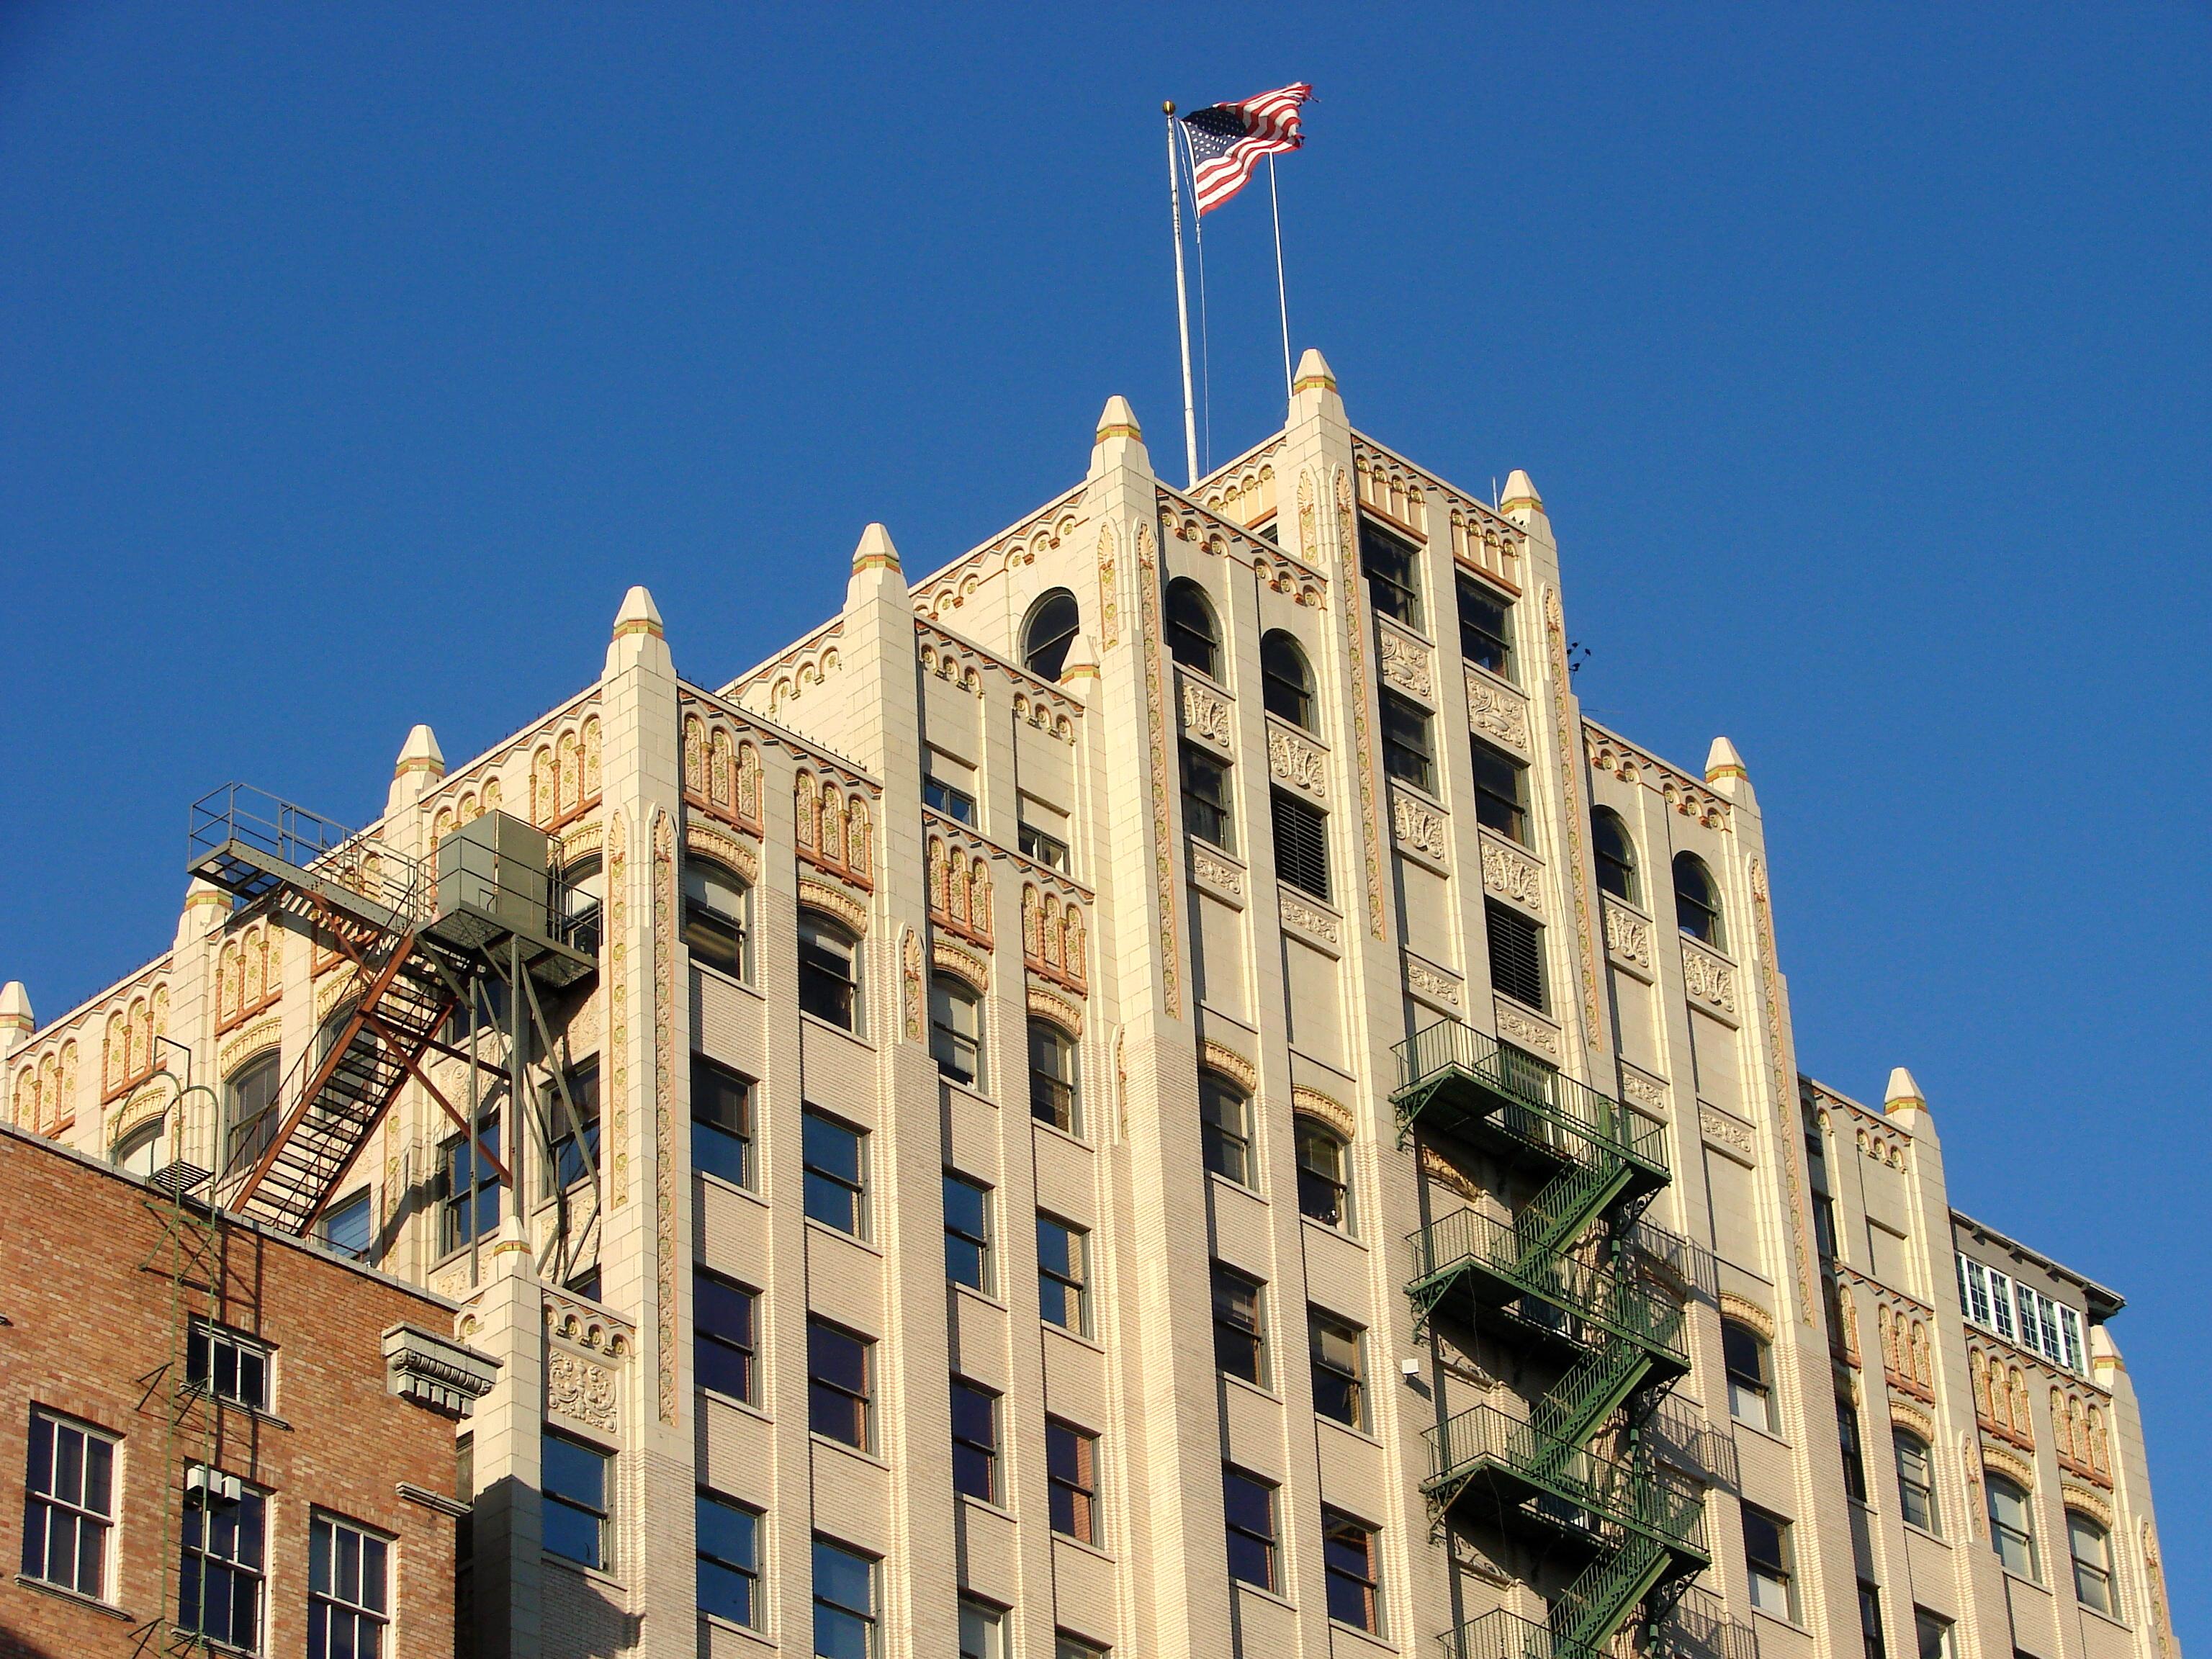 Historic Building in Spokane, WA